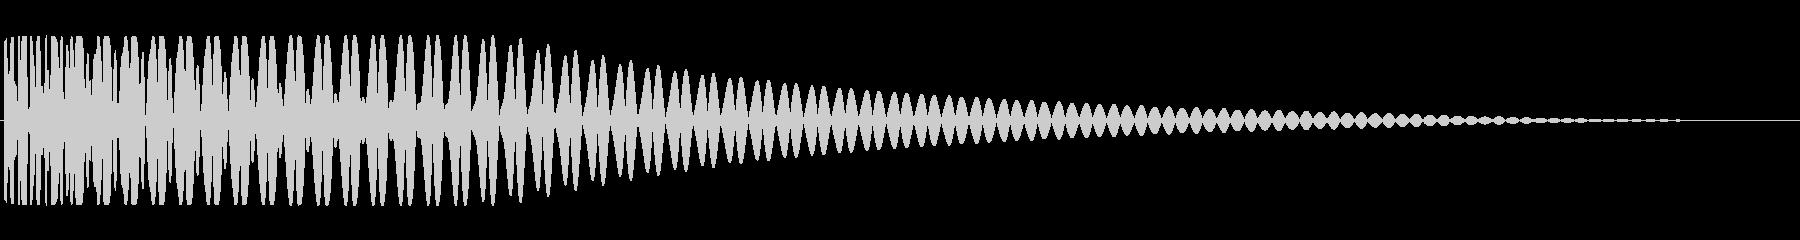 ブーン:Trapなどで聞くサブベース音の未再生の波形